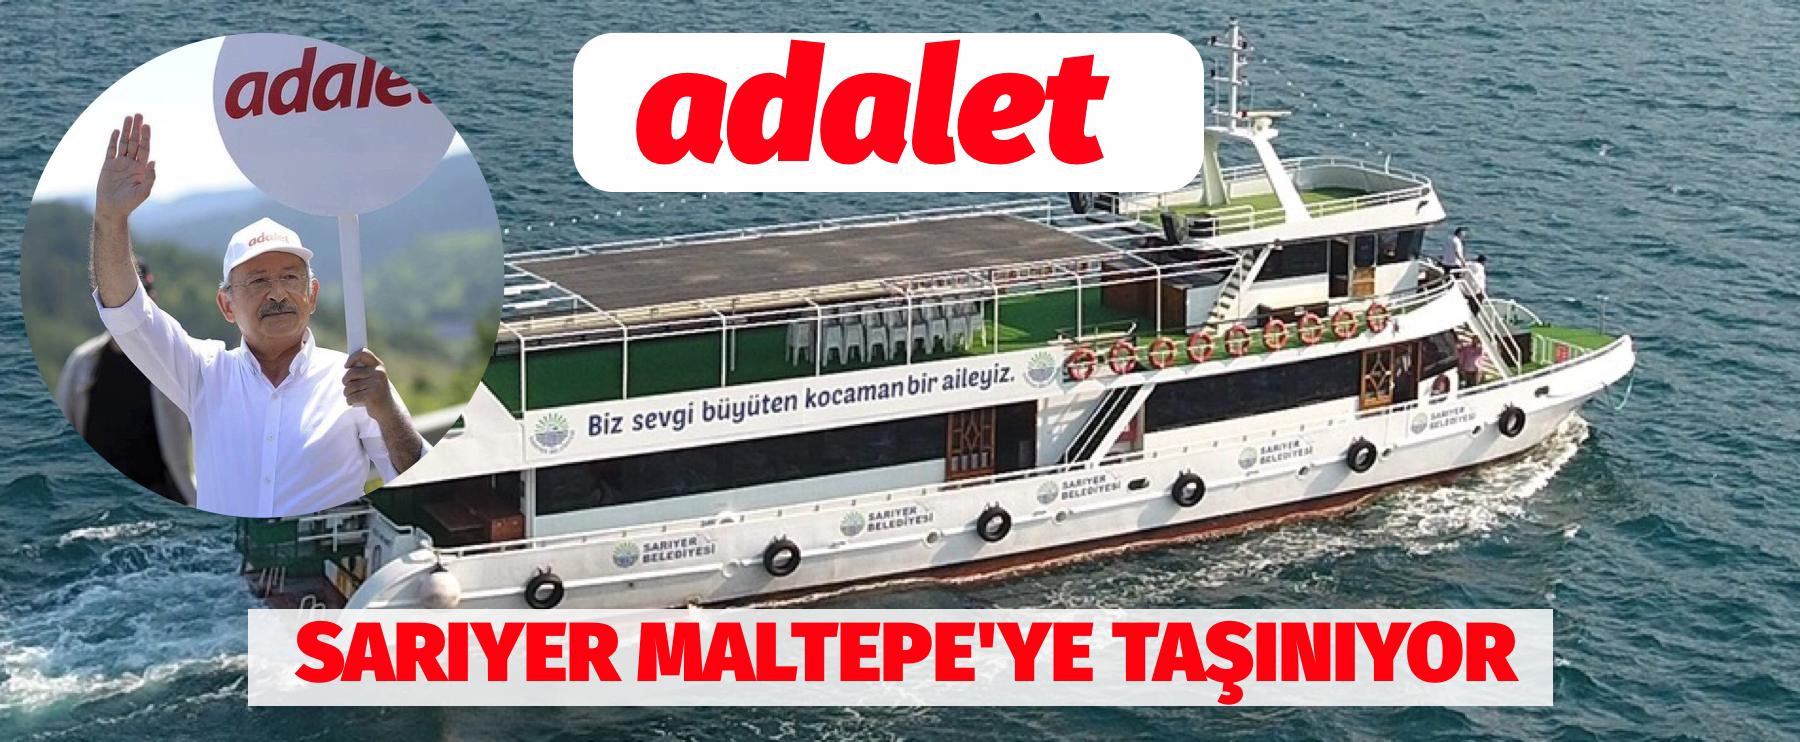 SARIYER MALTEPE'YE TAŞINIYOR